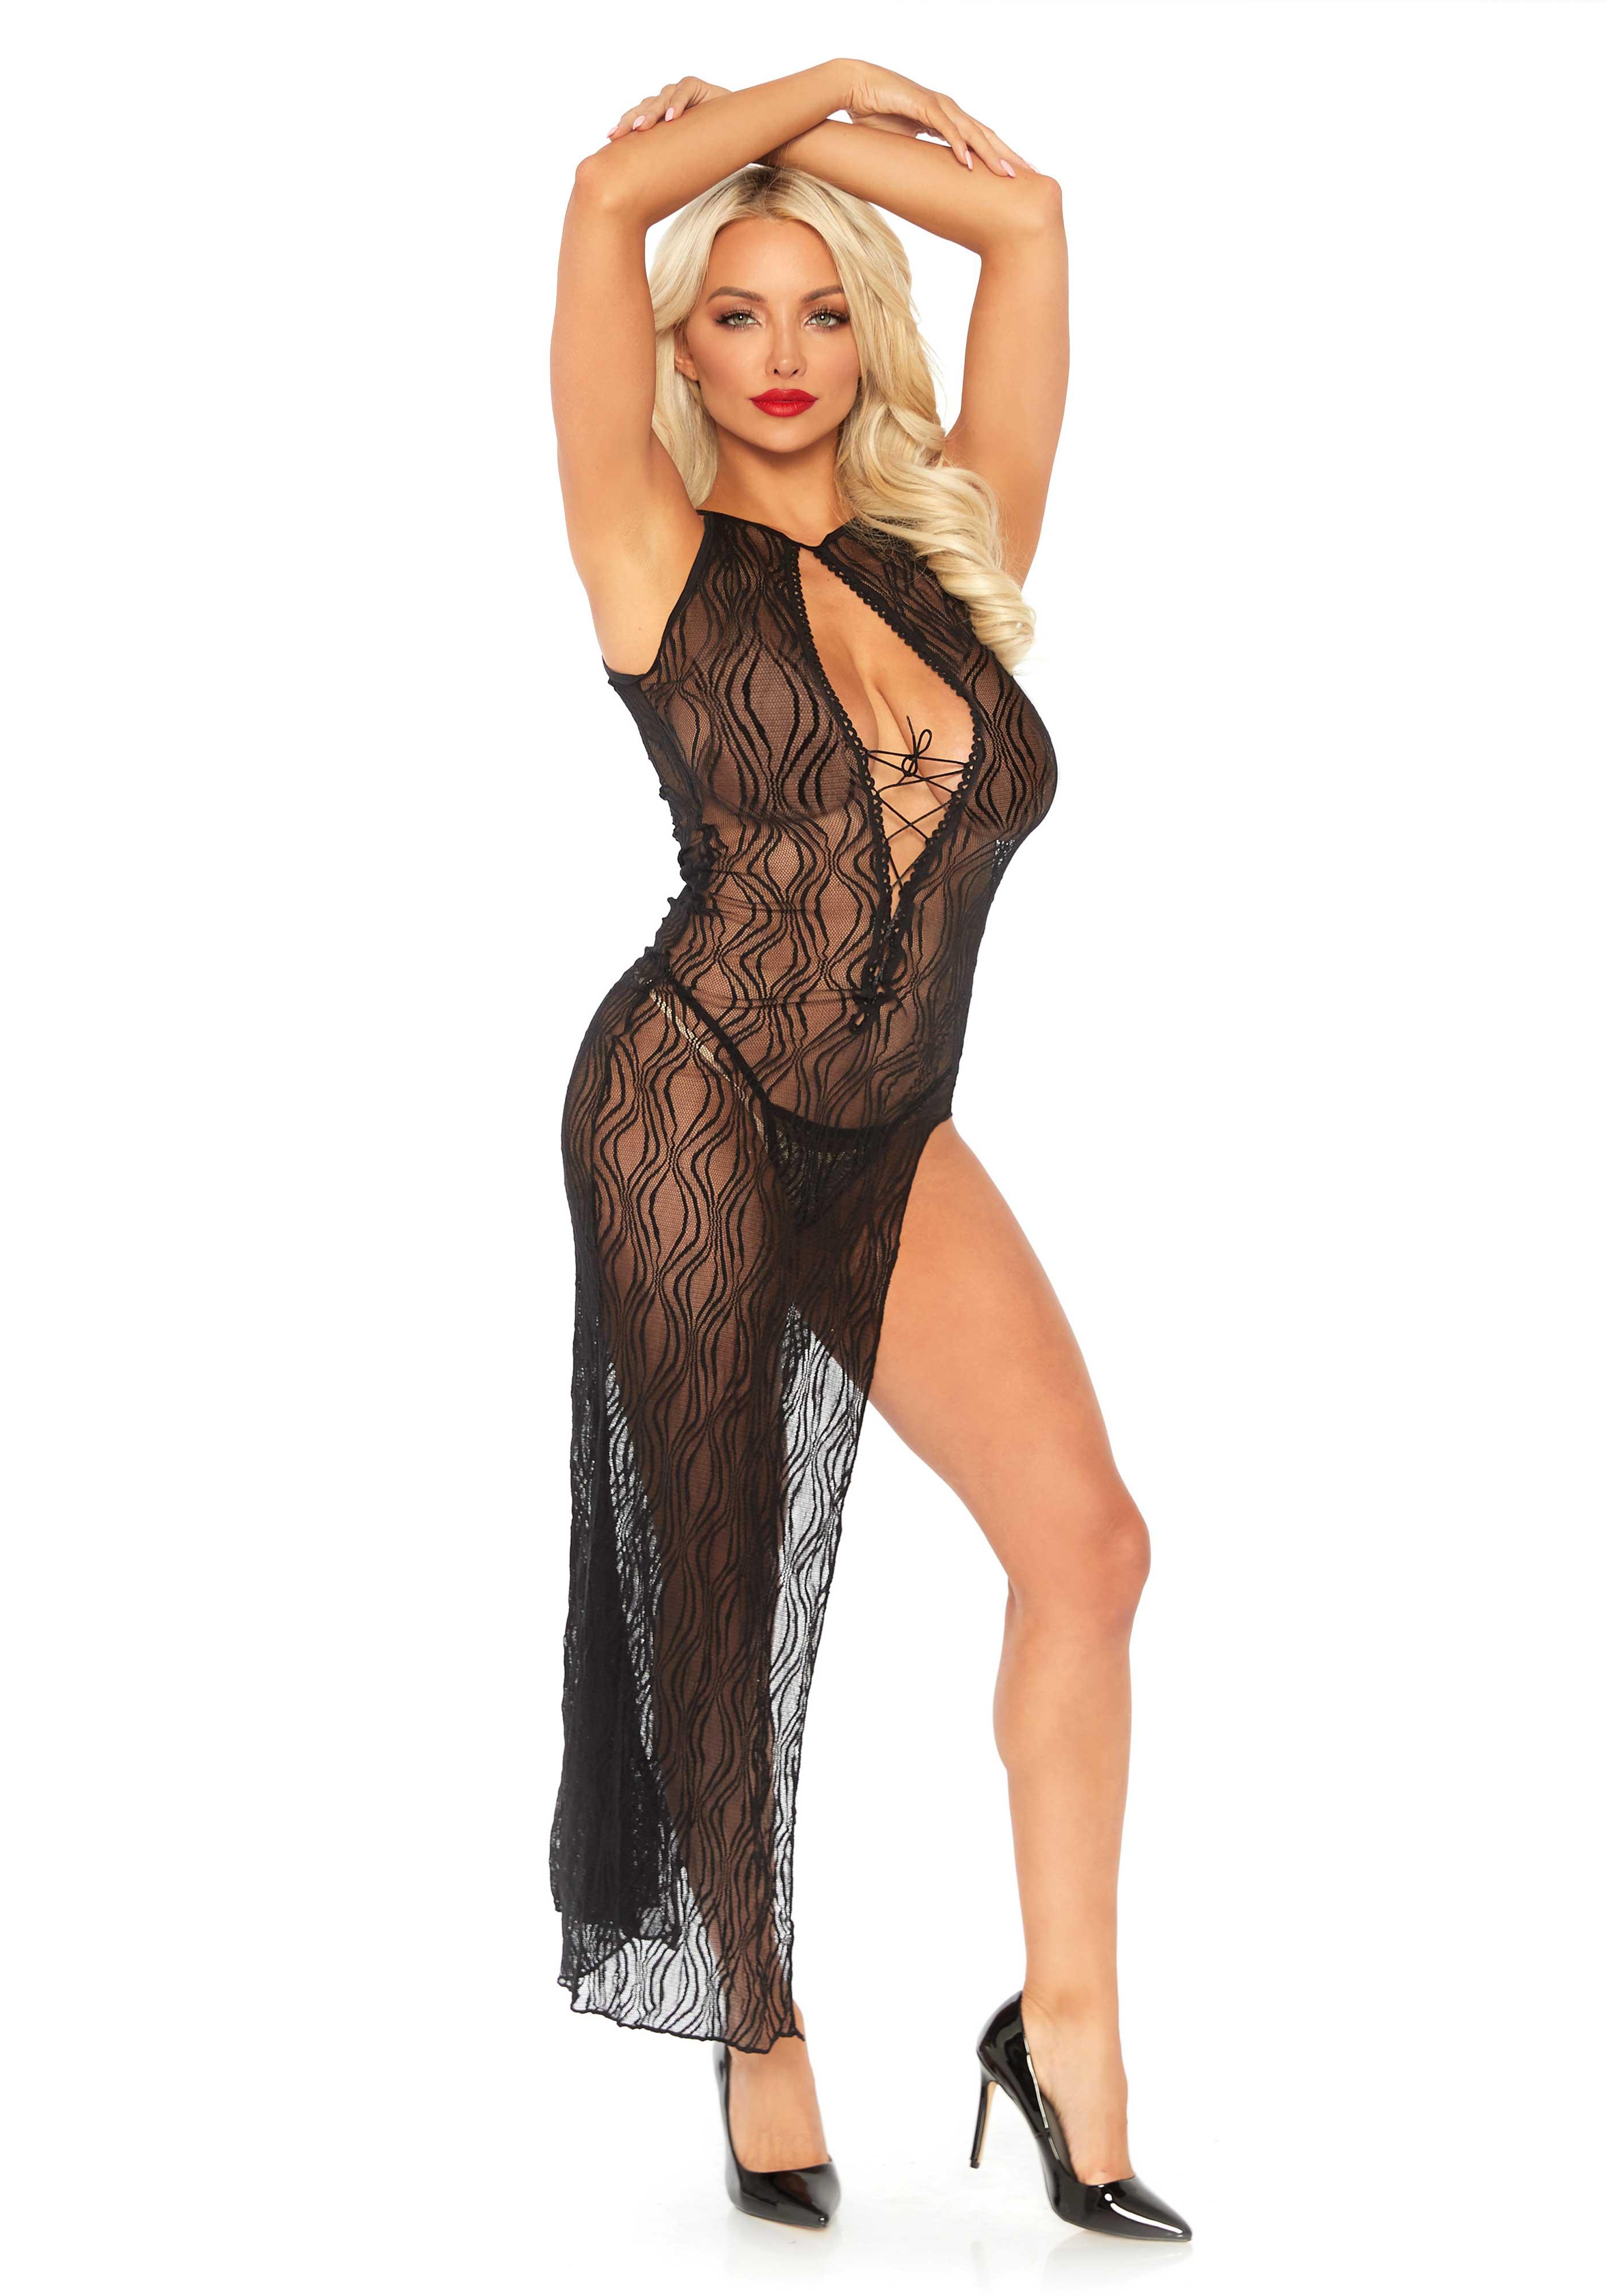 bd25a03a4c Leg Avenue Lingerie: elegante abito lungo in pizzo nero | Lingerietorino